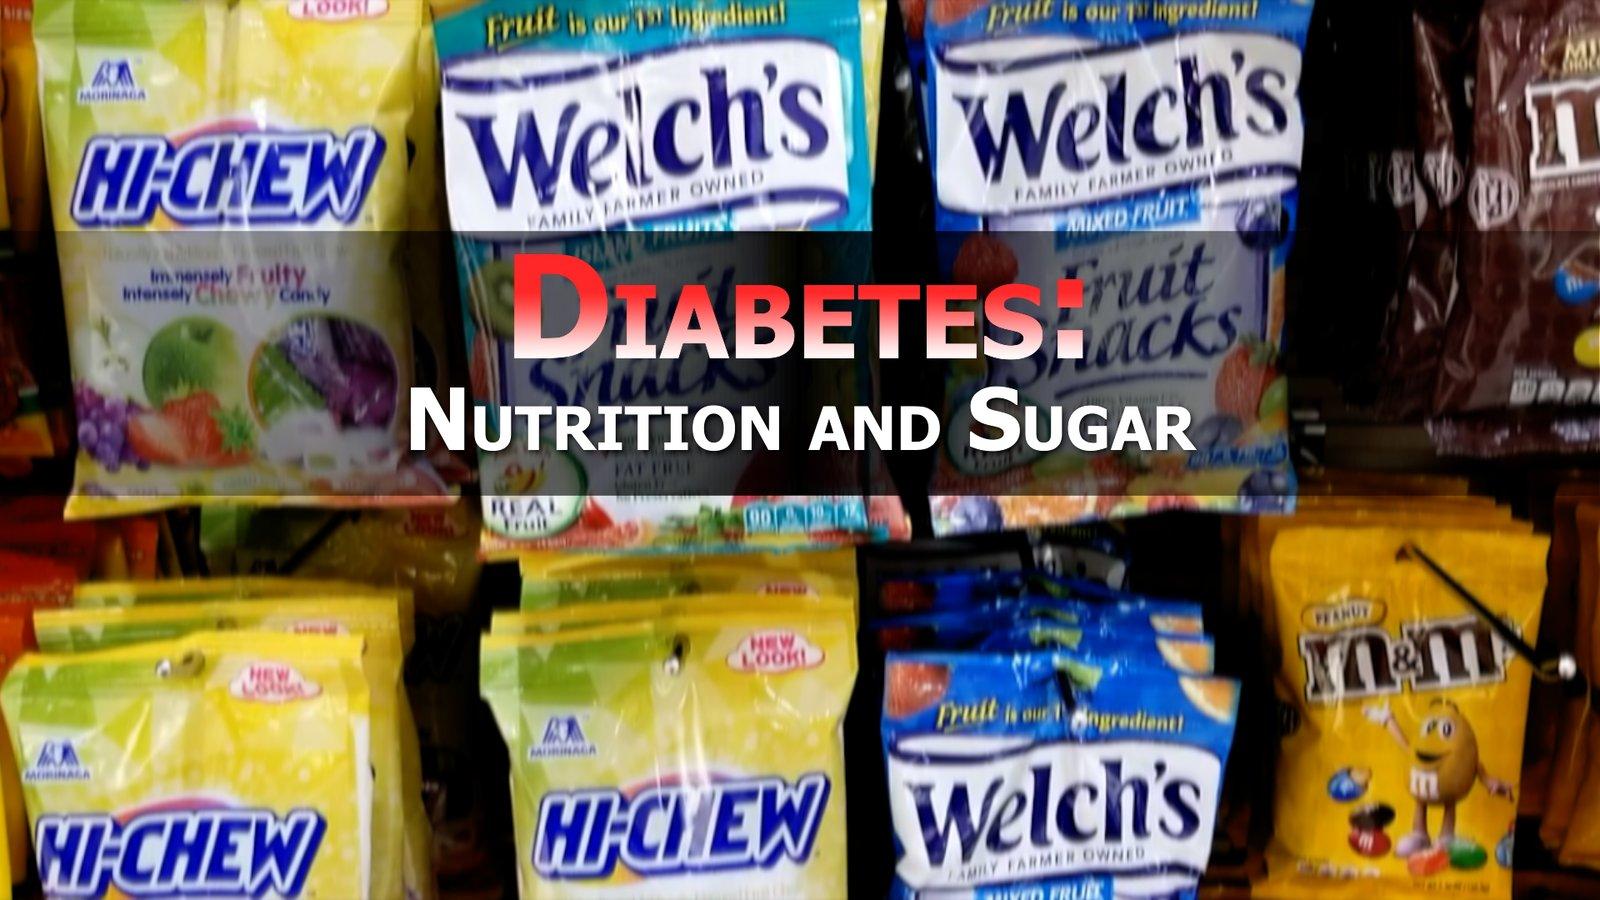 Diabetes: Nutrition and Sugar